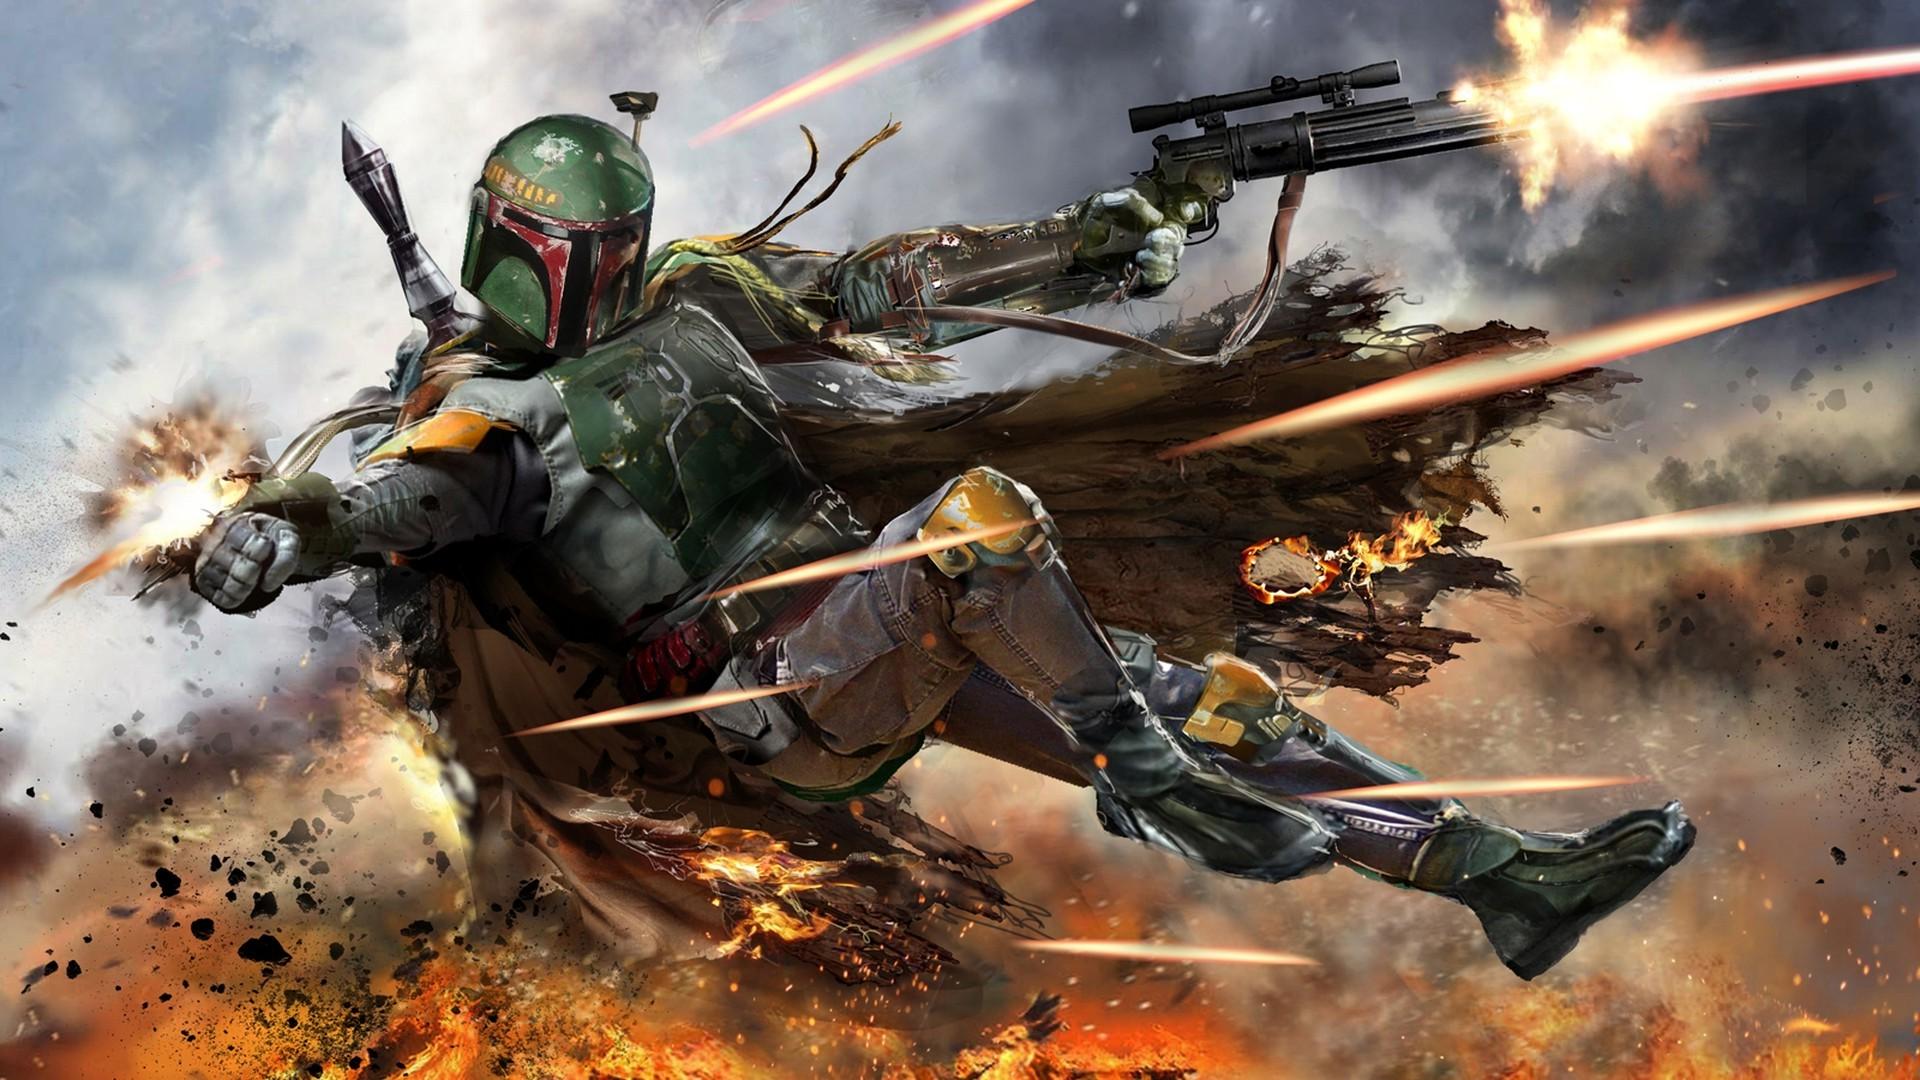 <b>Star Wars</b> Battlefront HD <b>Wallpapers<